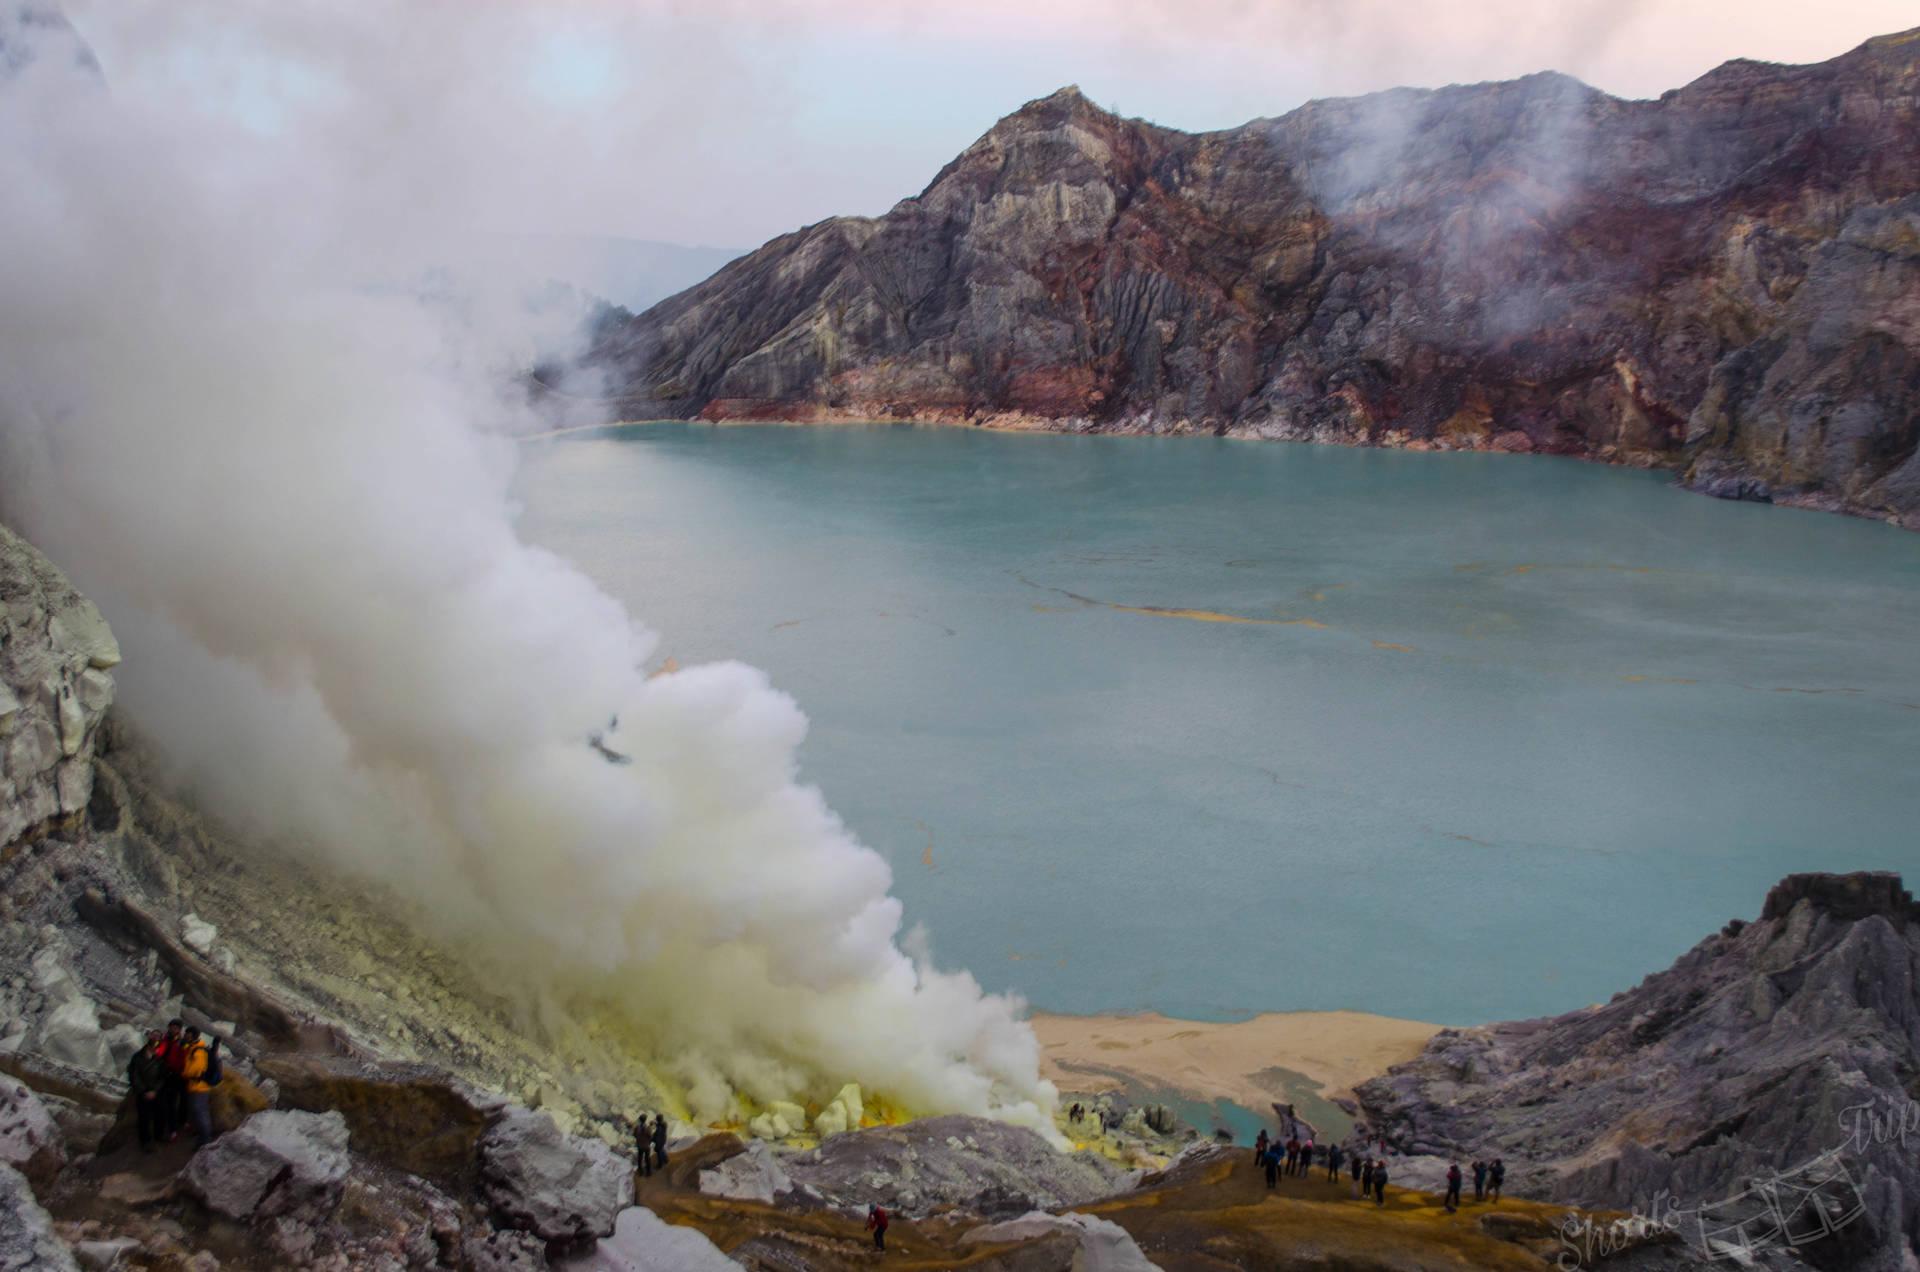 ijen volcano hike, ijen crater, ijen facts, ijen volcano, ijen java indonesia, ijen java, ijen sulphur, ijen fumes, ijen information, ijen volcano facts